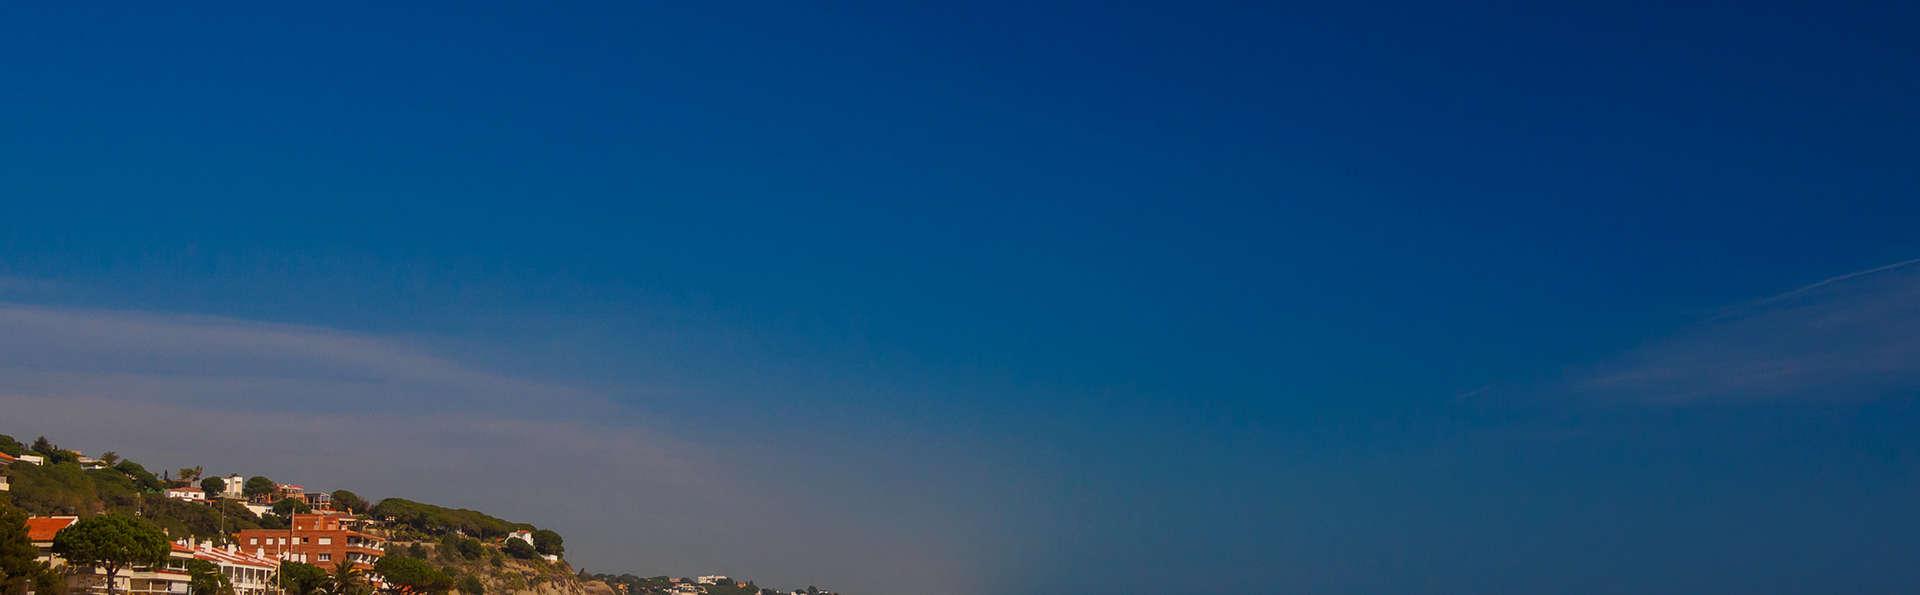 Découvrez la Costa del Maresme en séjournant à 10 minutes de la plage